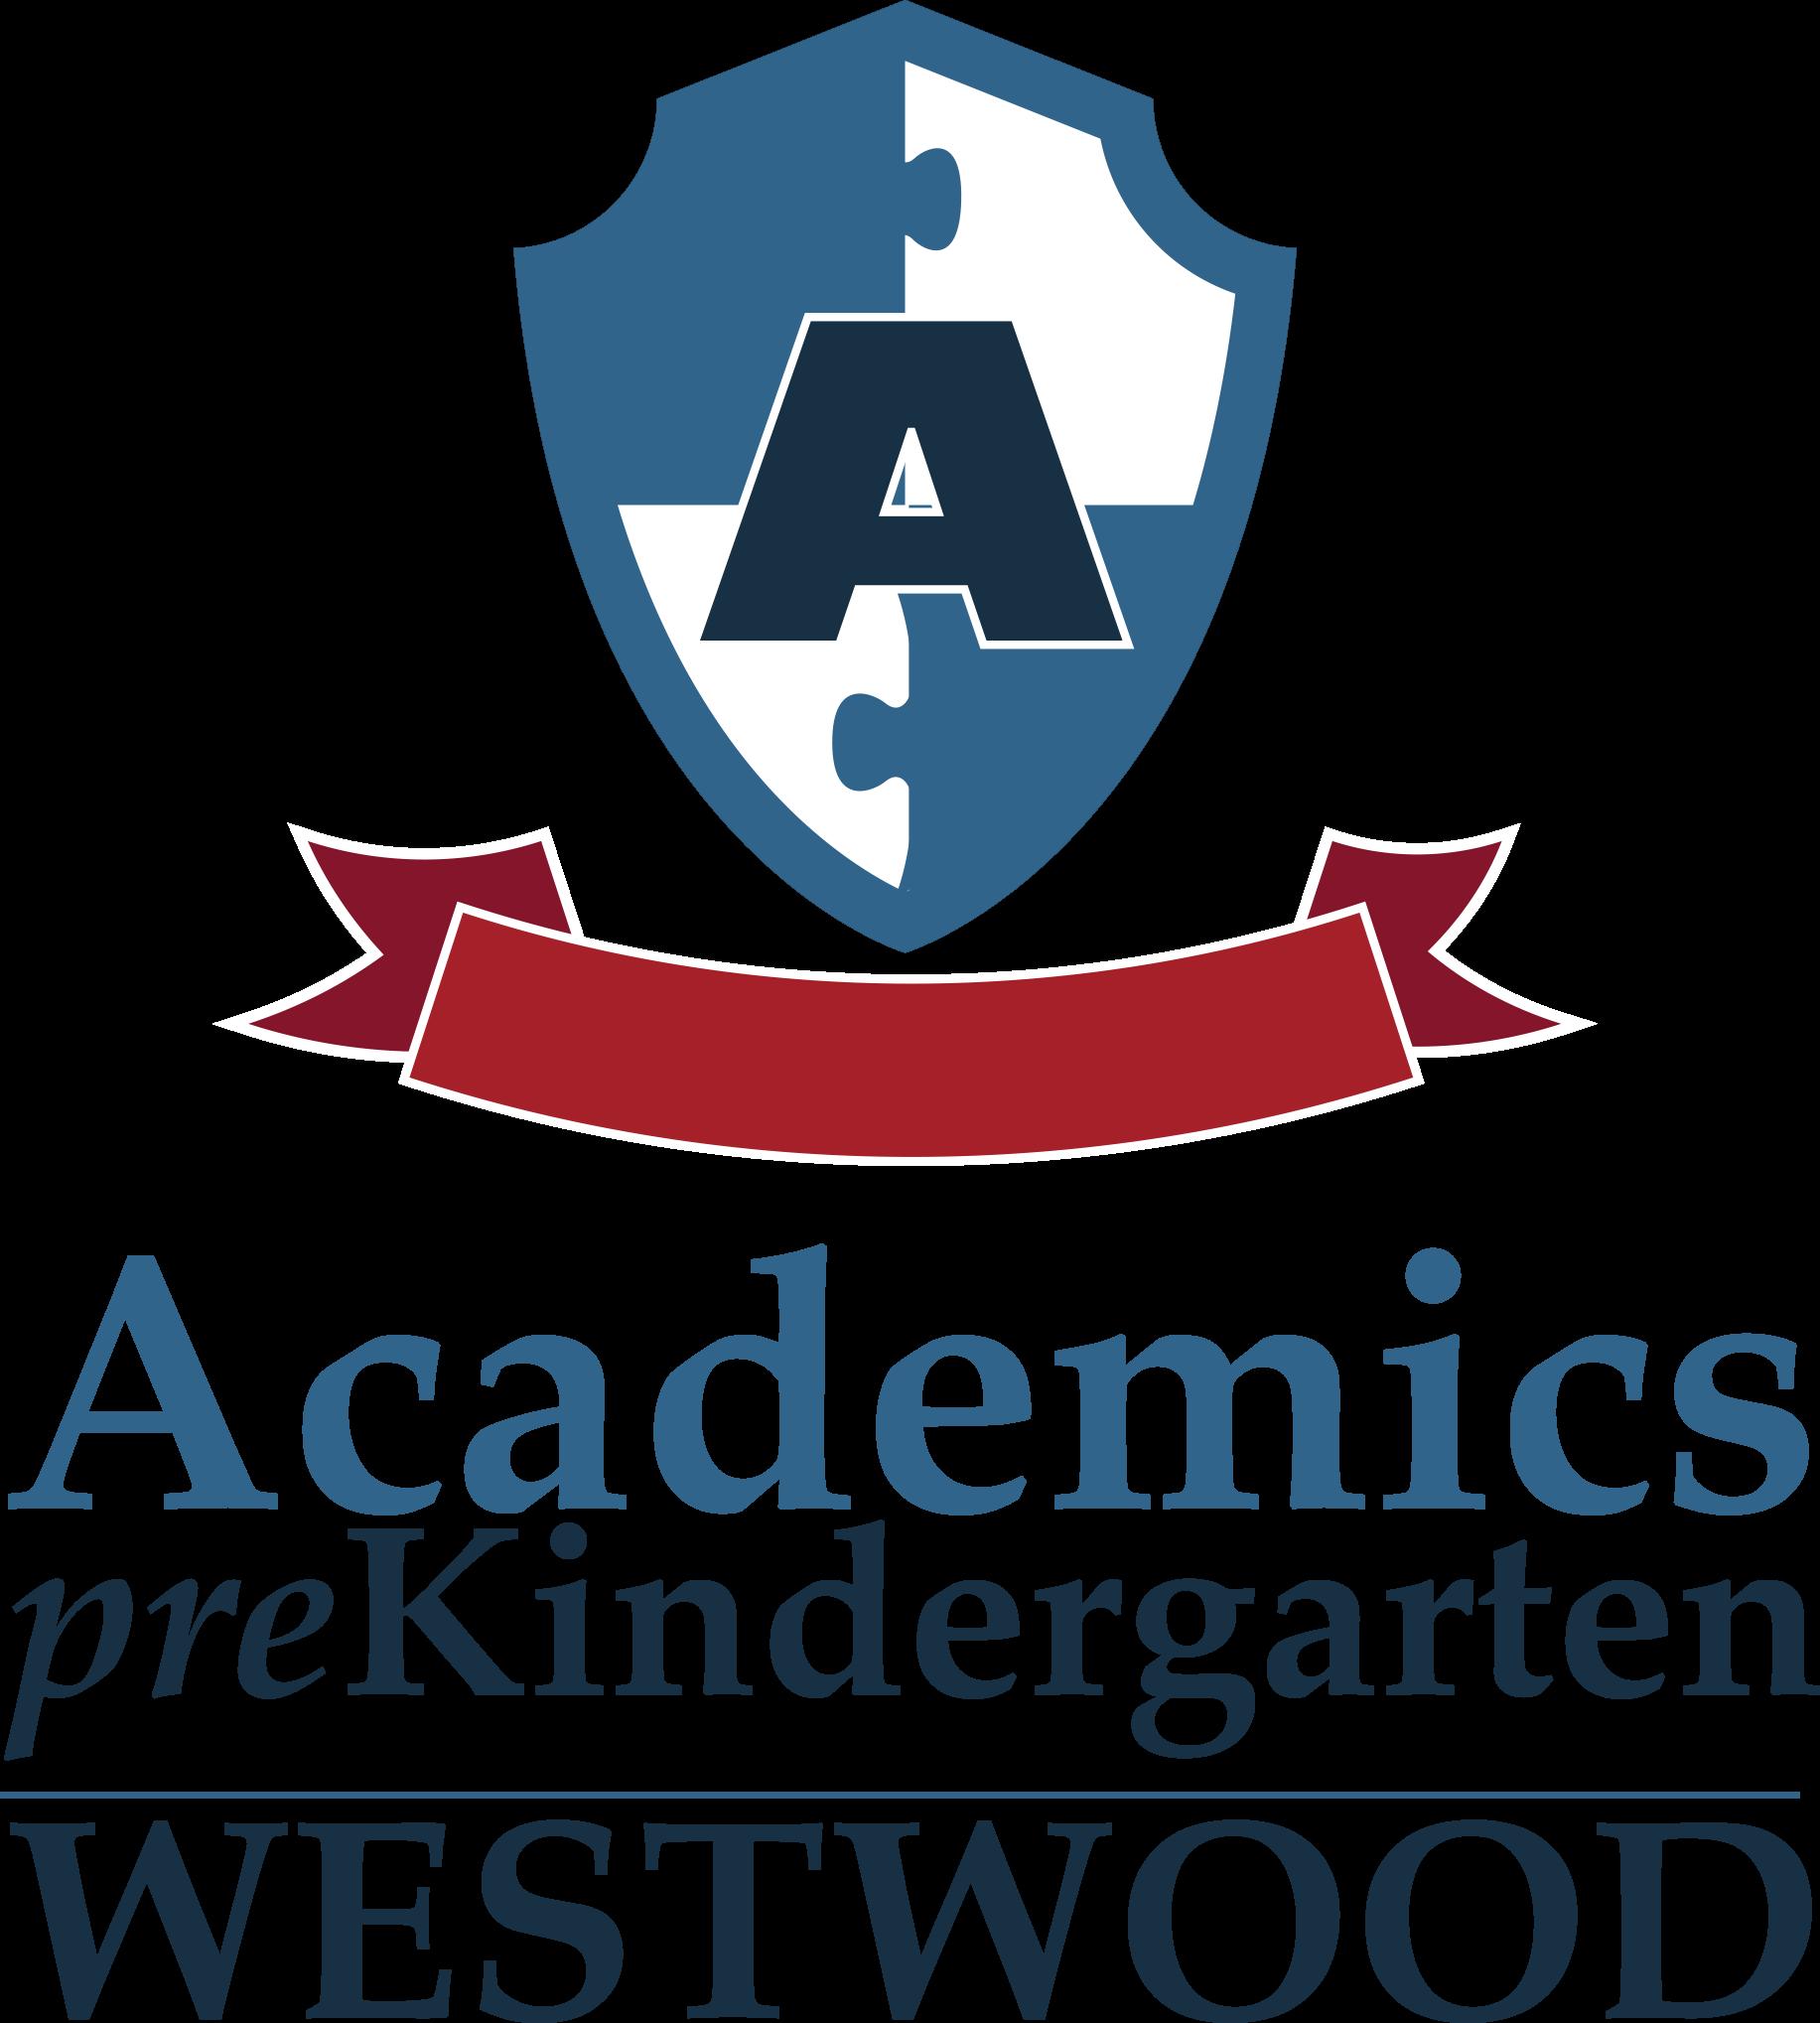 Academics preKindergarten.png